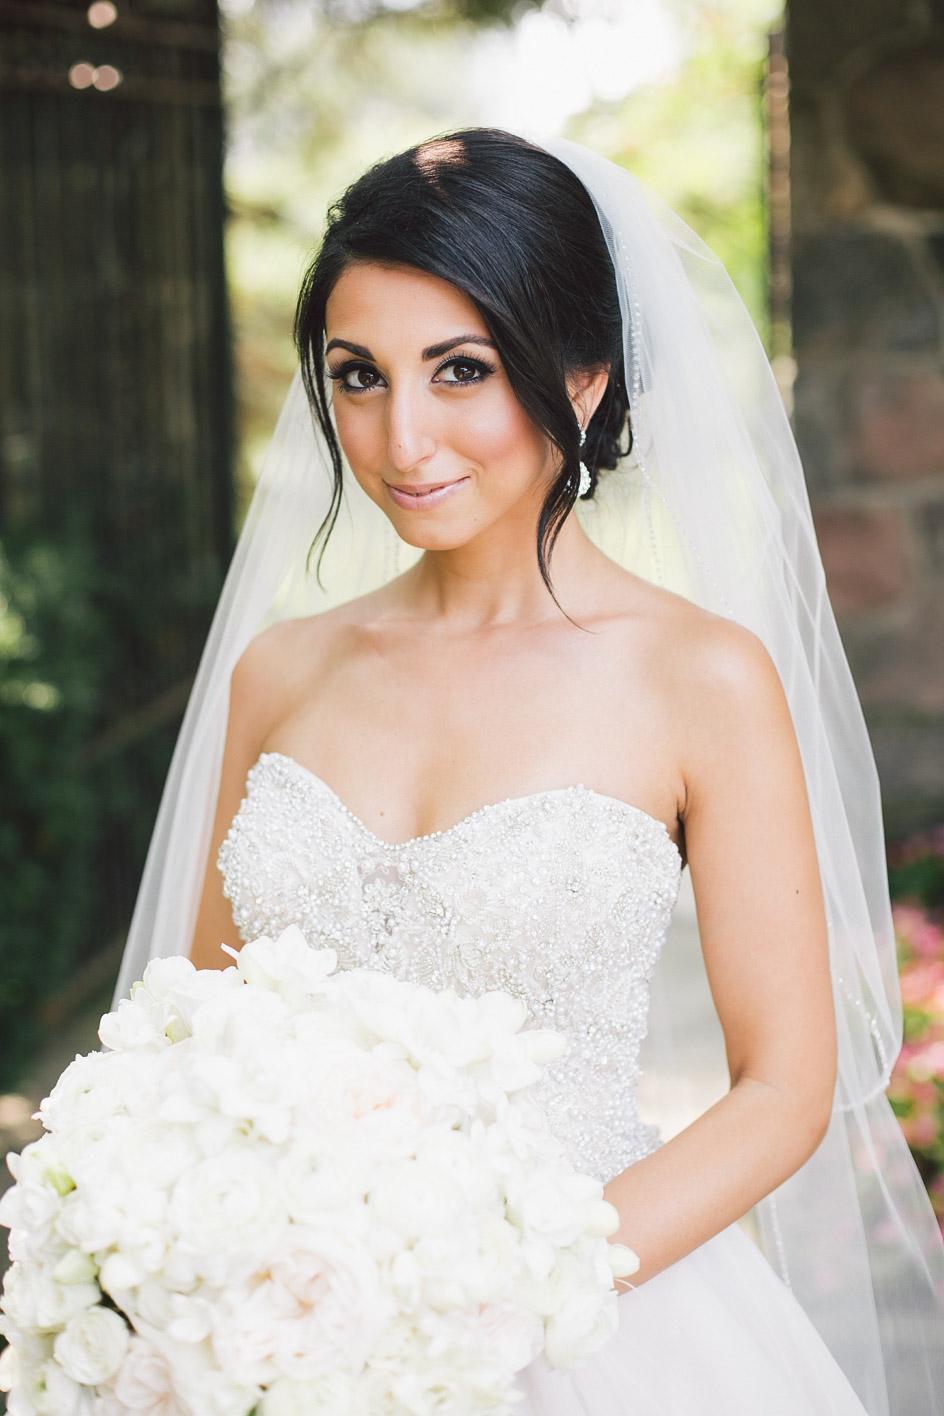 Samira wedding photos